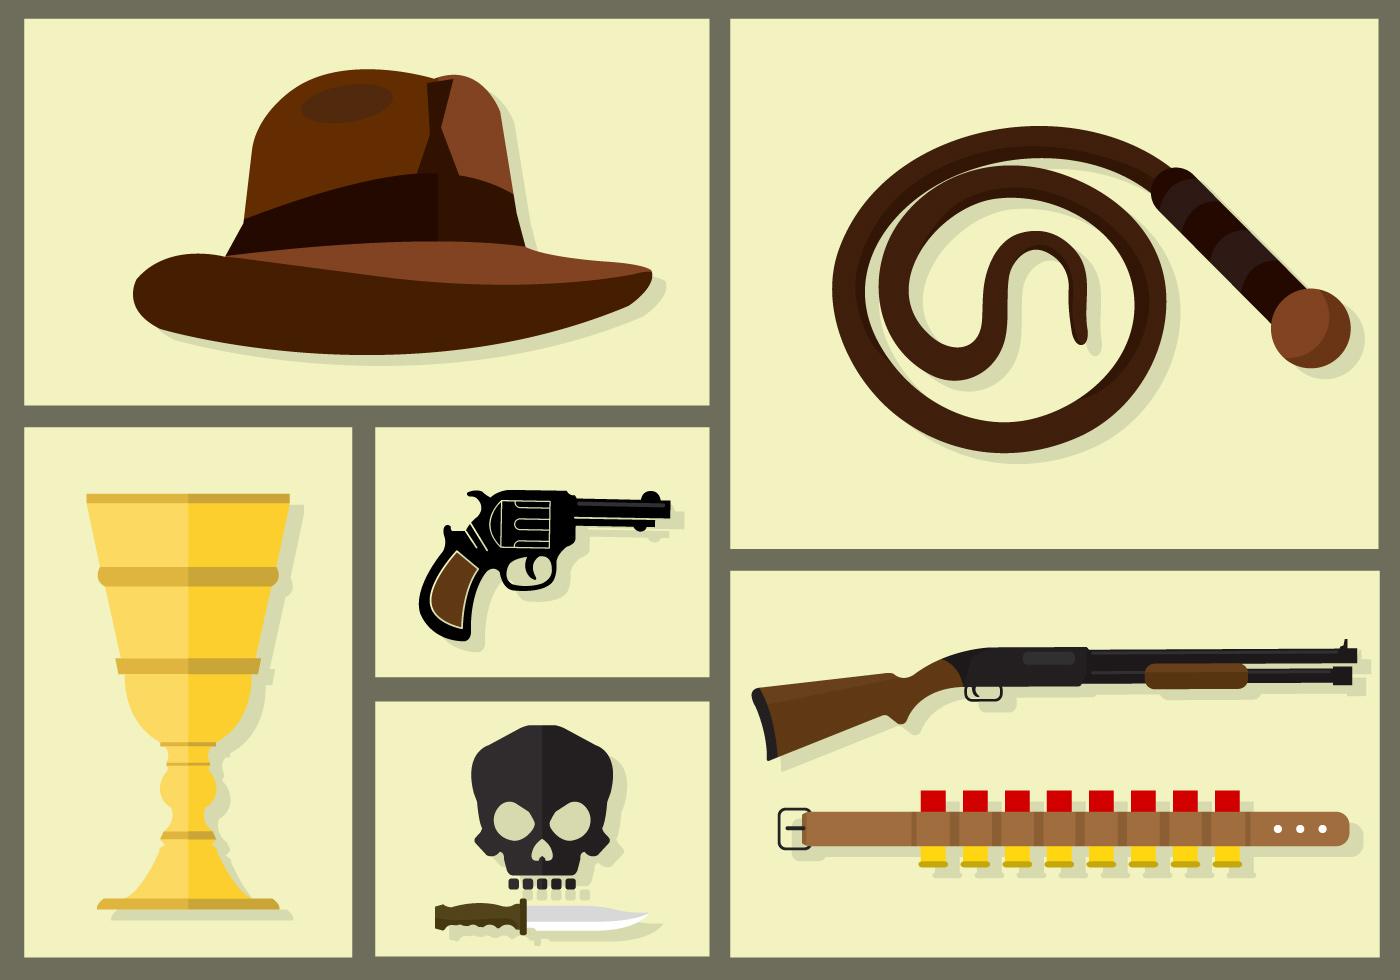 Pistol 3d Wallpaper Indiana Jones Vectors Download Free Vector Art Stock